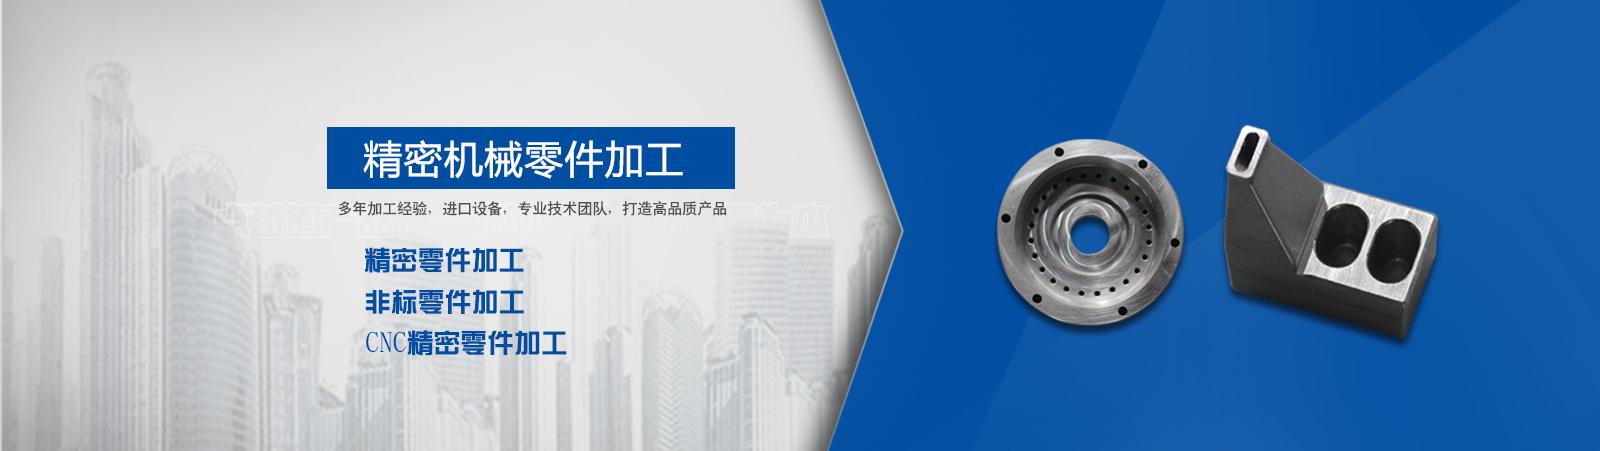 常州CNC精密加工厂